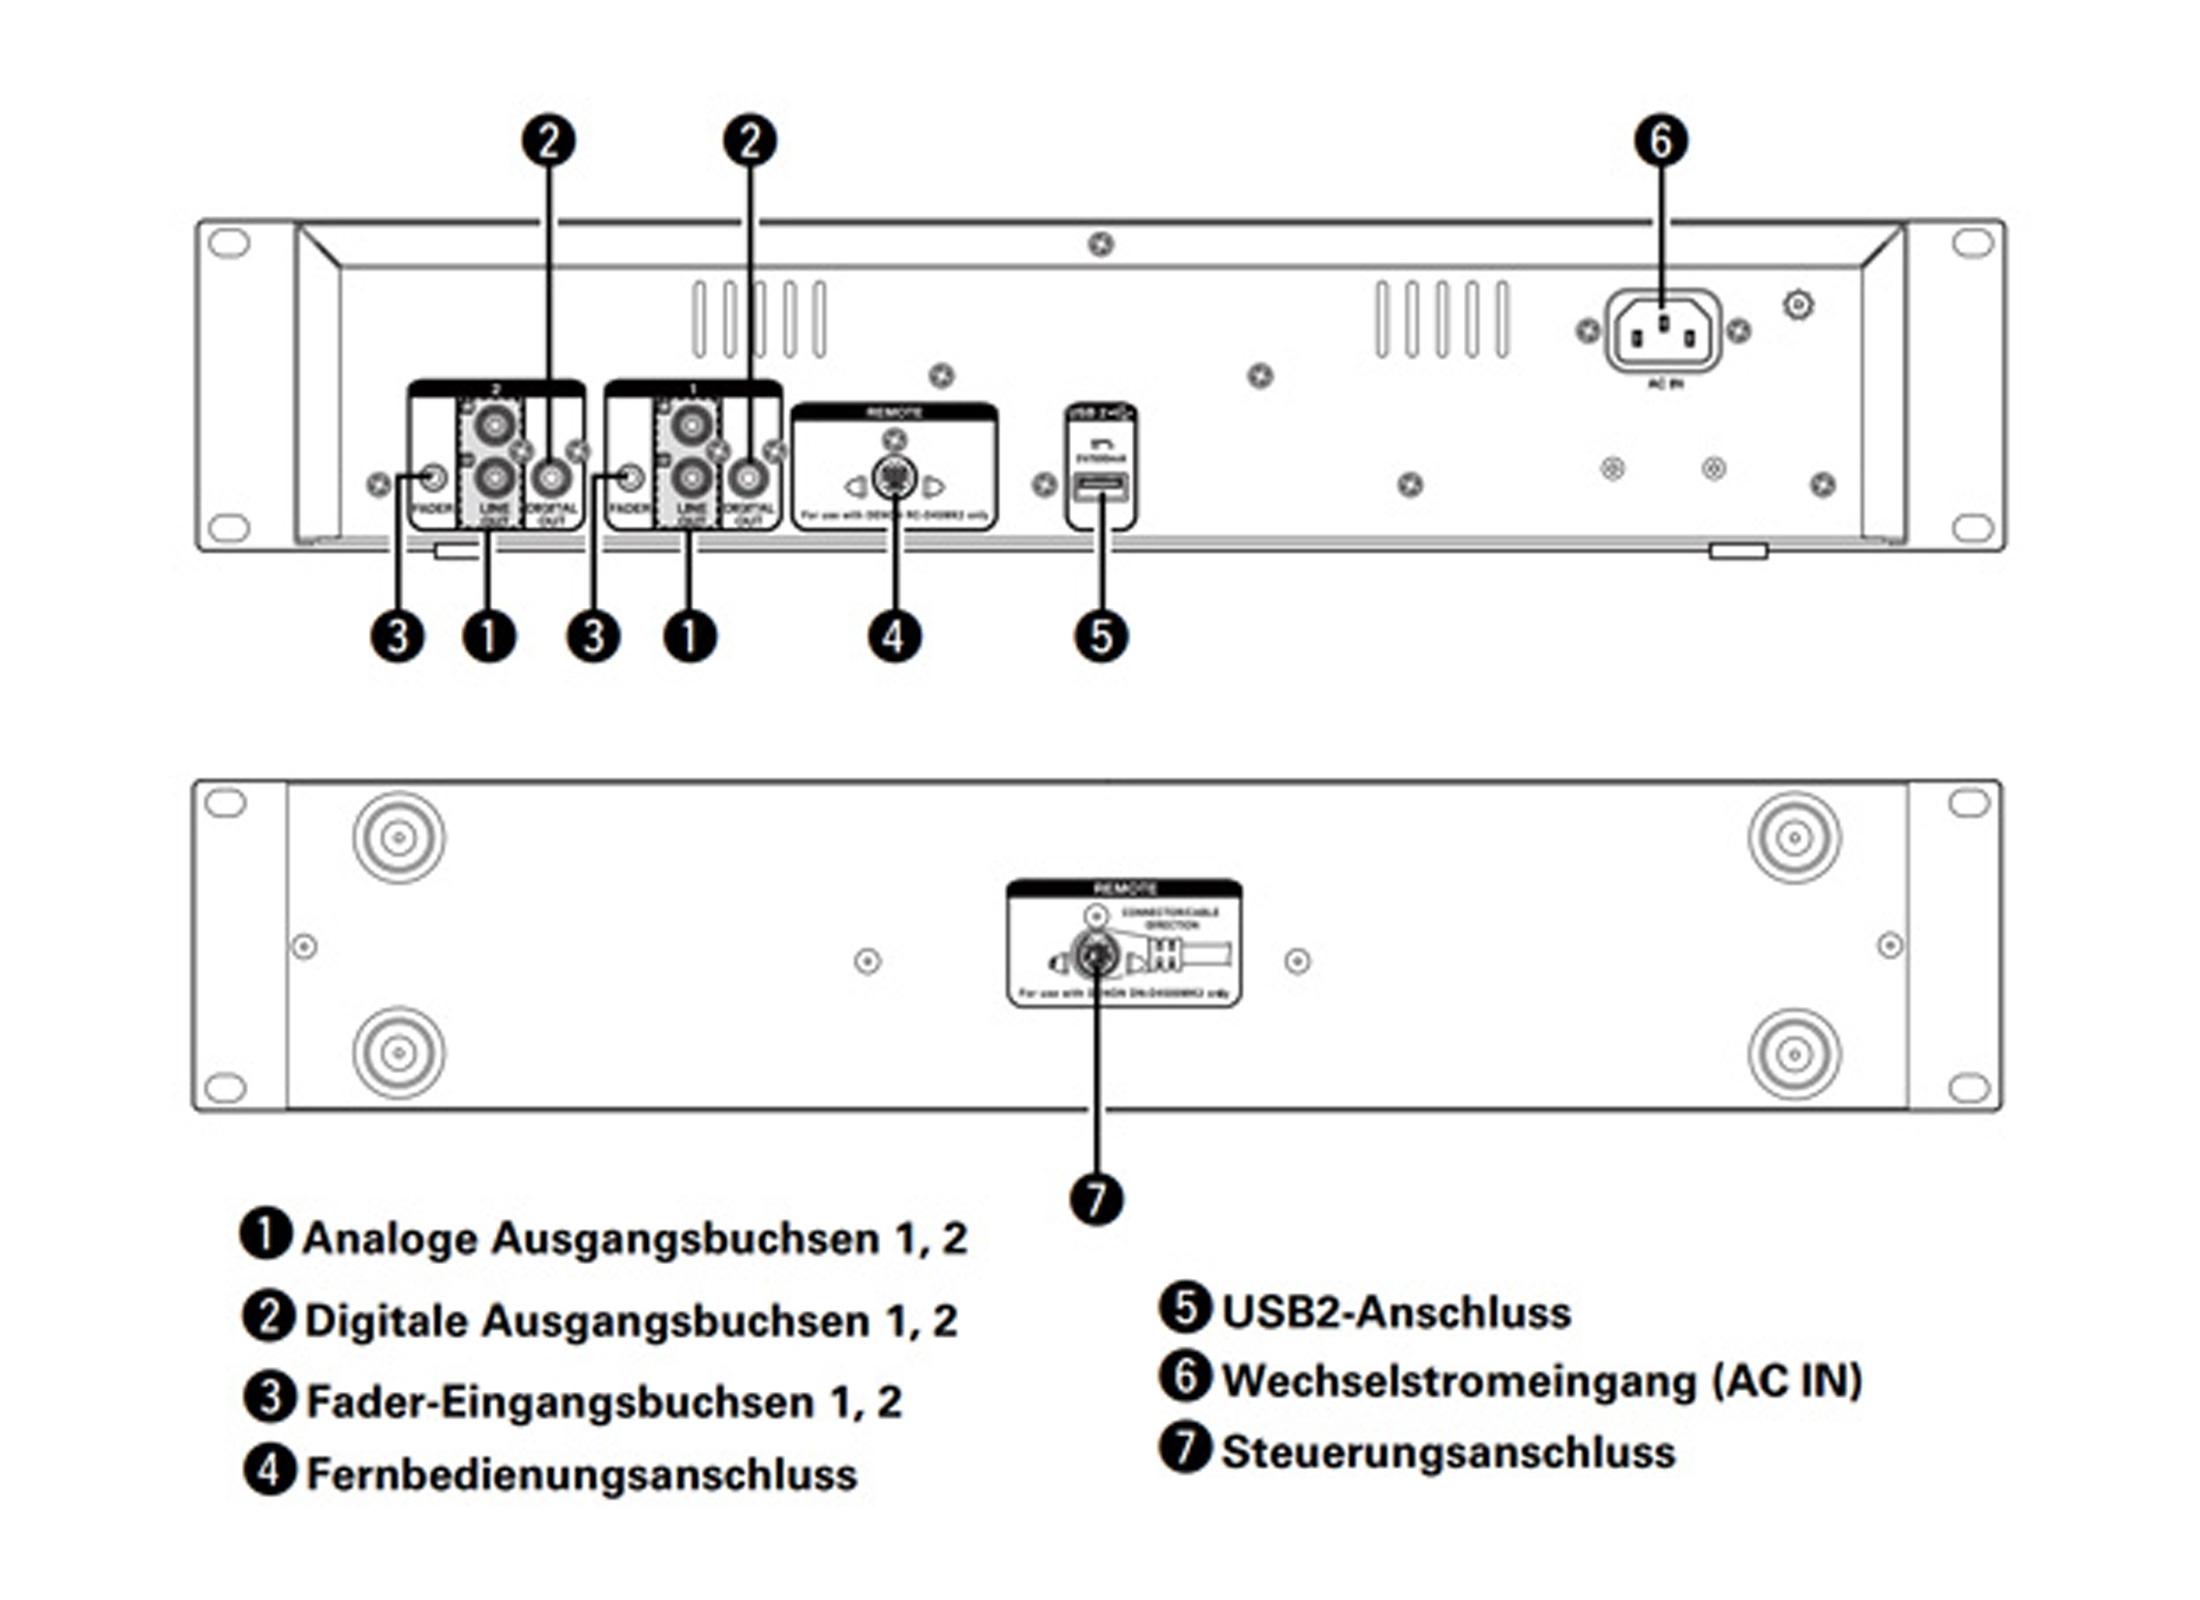 Schön Verdrahtung Außerhalb Lichter Diagramm Bilder - Die Besten ...